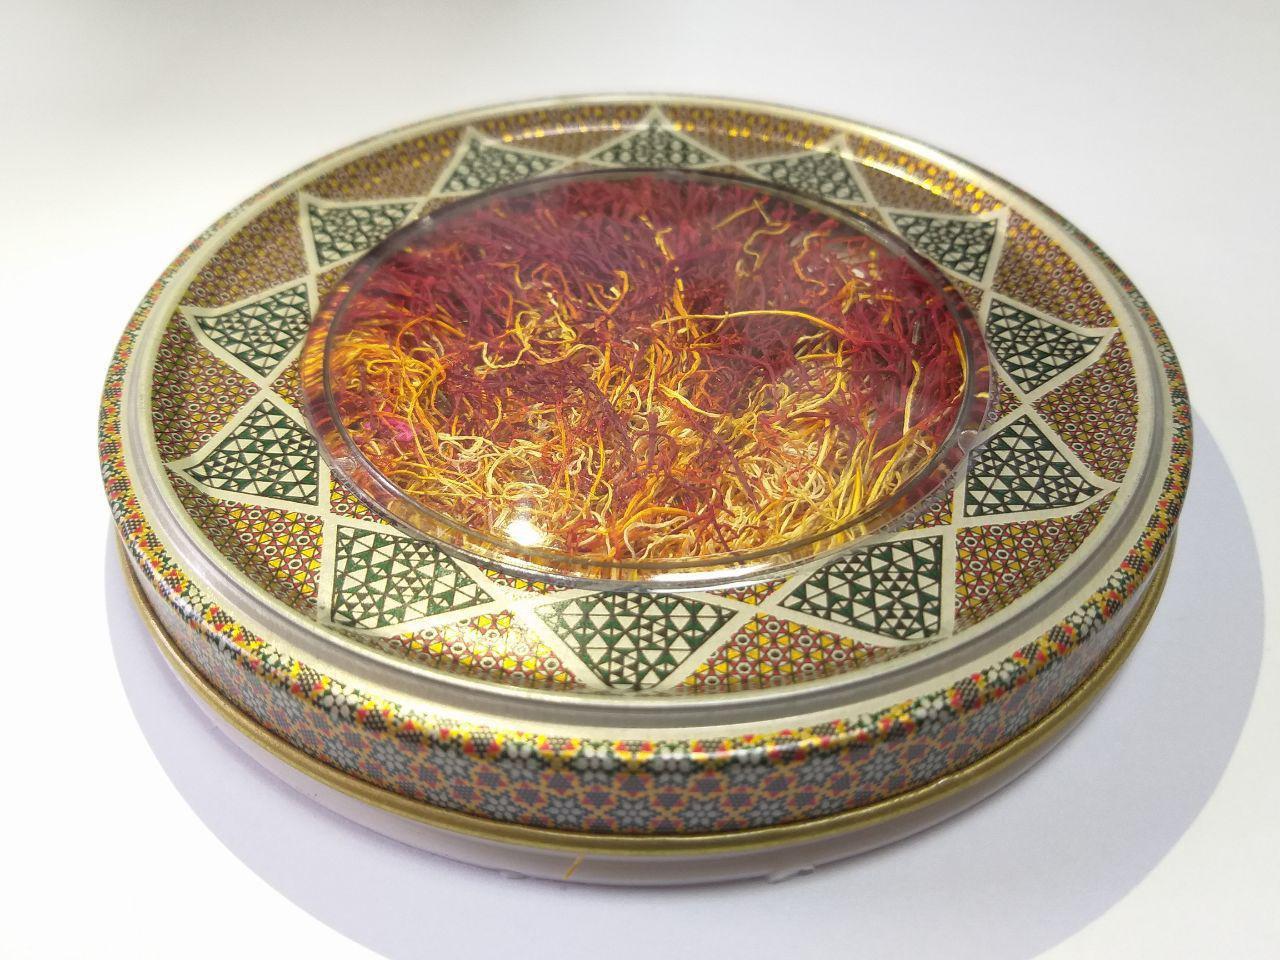 زعفران یک مثقالی دخترپیچ در بسته بندی فلزی